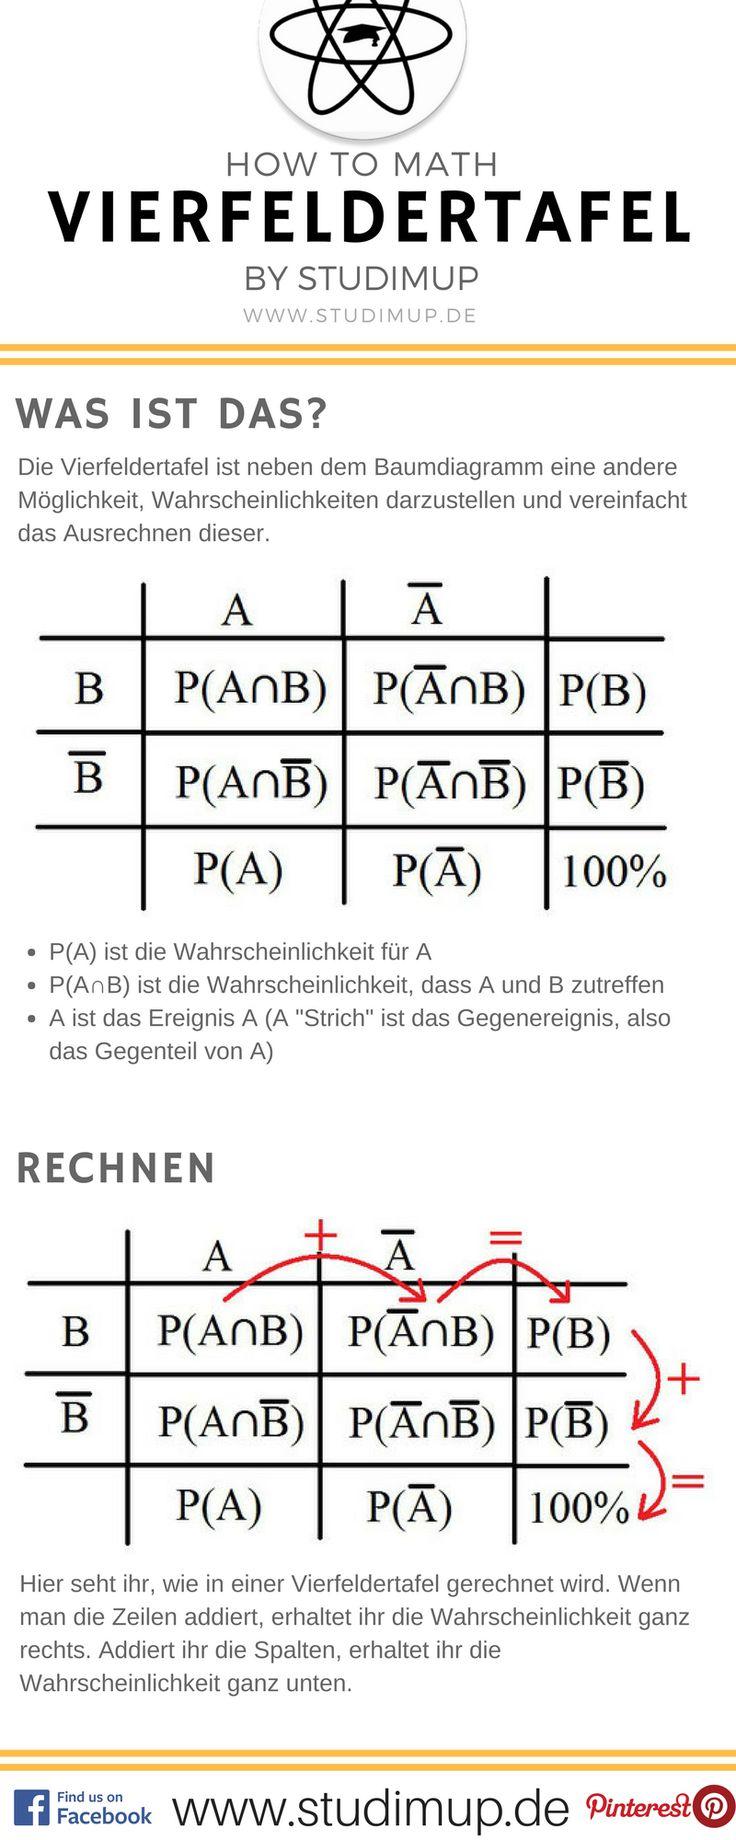 Vierfeldertafel im Mathe Spickzettel einfach erklärt. Studimup hilft euch in Mathe für die Schule!